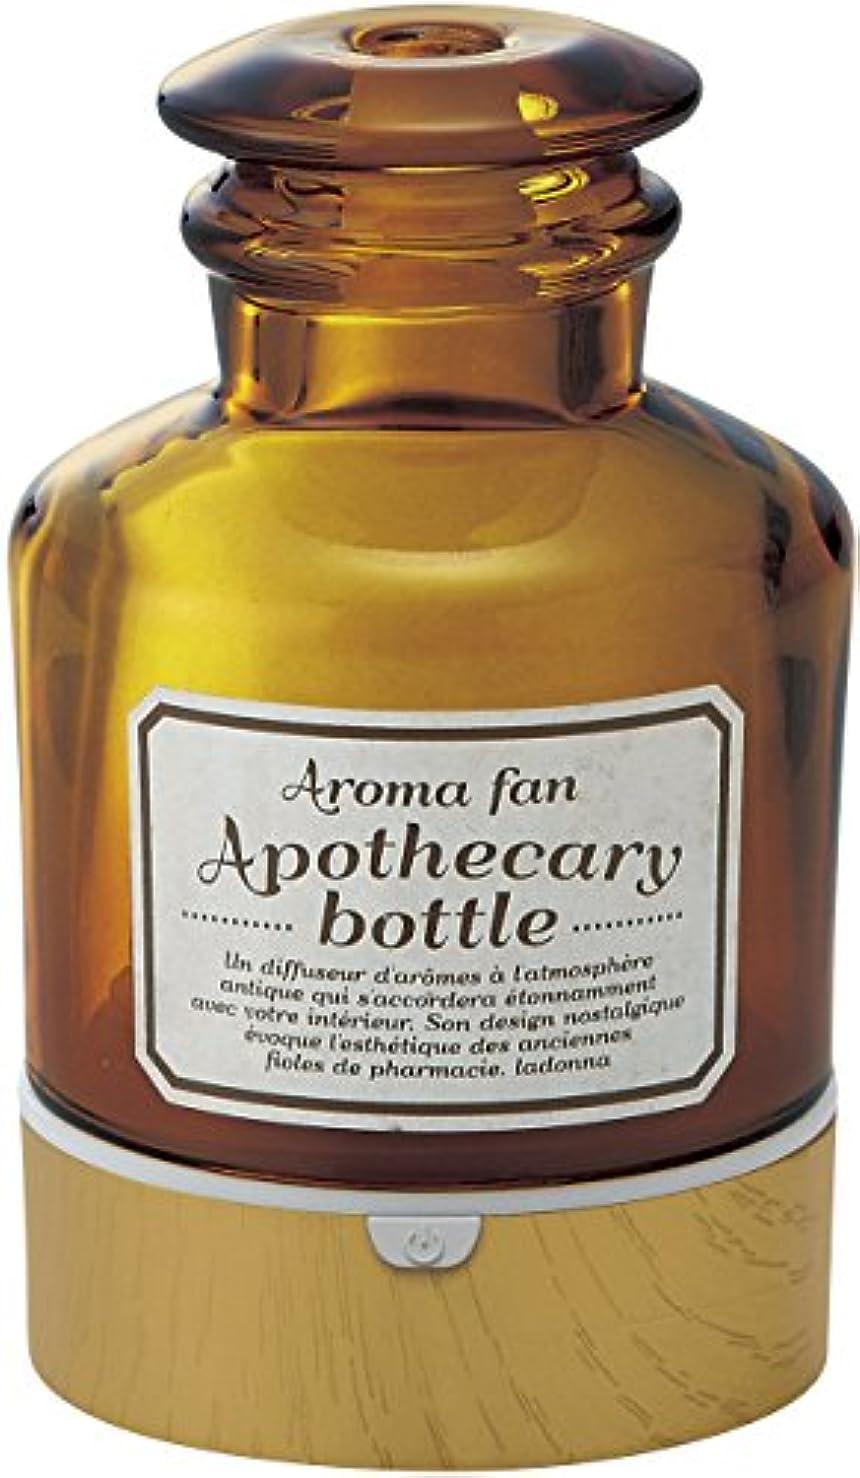 懲らしめ装備する製造業ラドンナ アロマディフューザー アポセカリーボトル ADF22-ABM 飴色